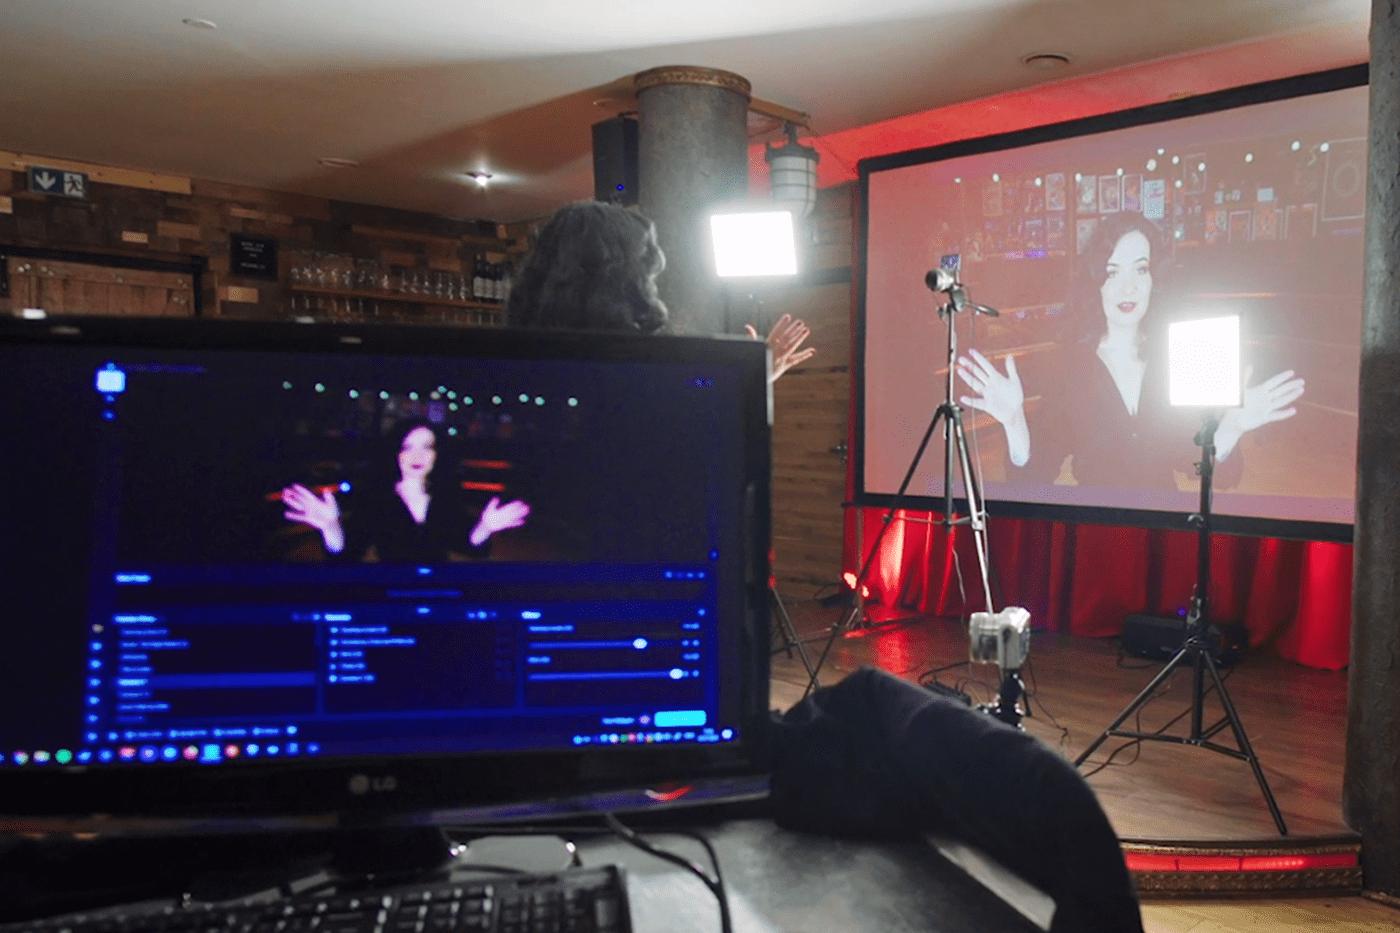 Heldeke TV studio screen and online streaming platform in Estonia